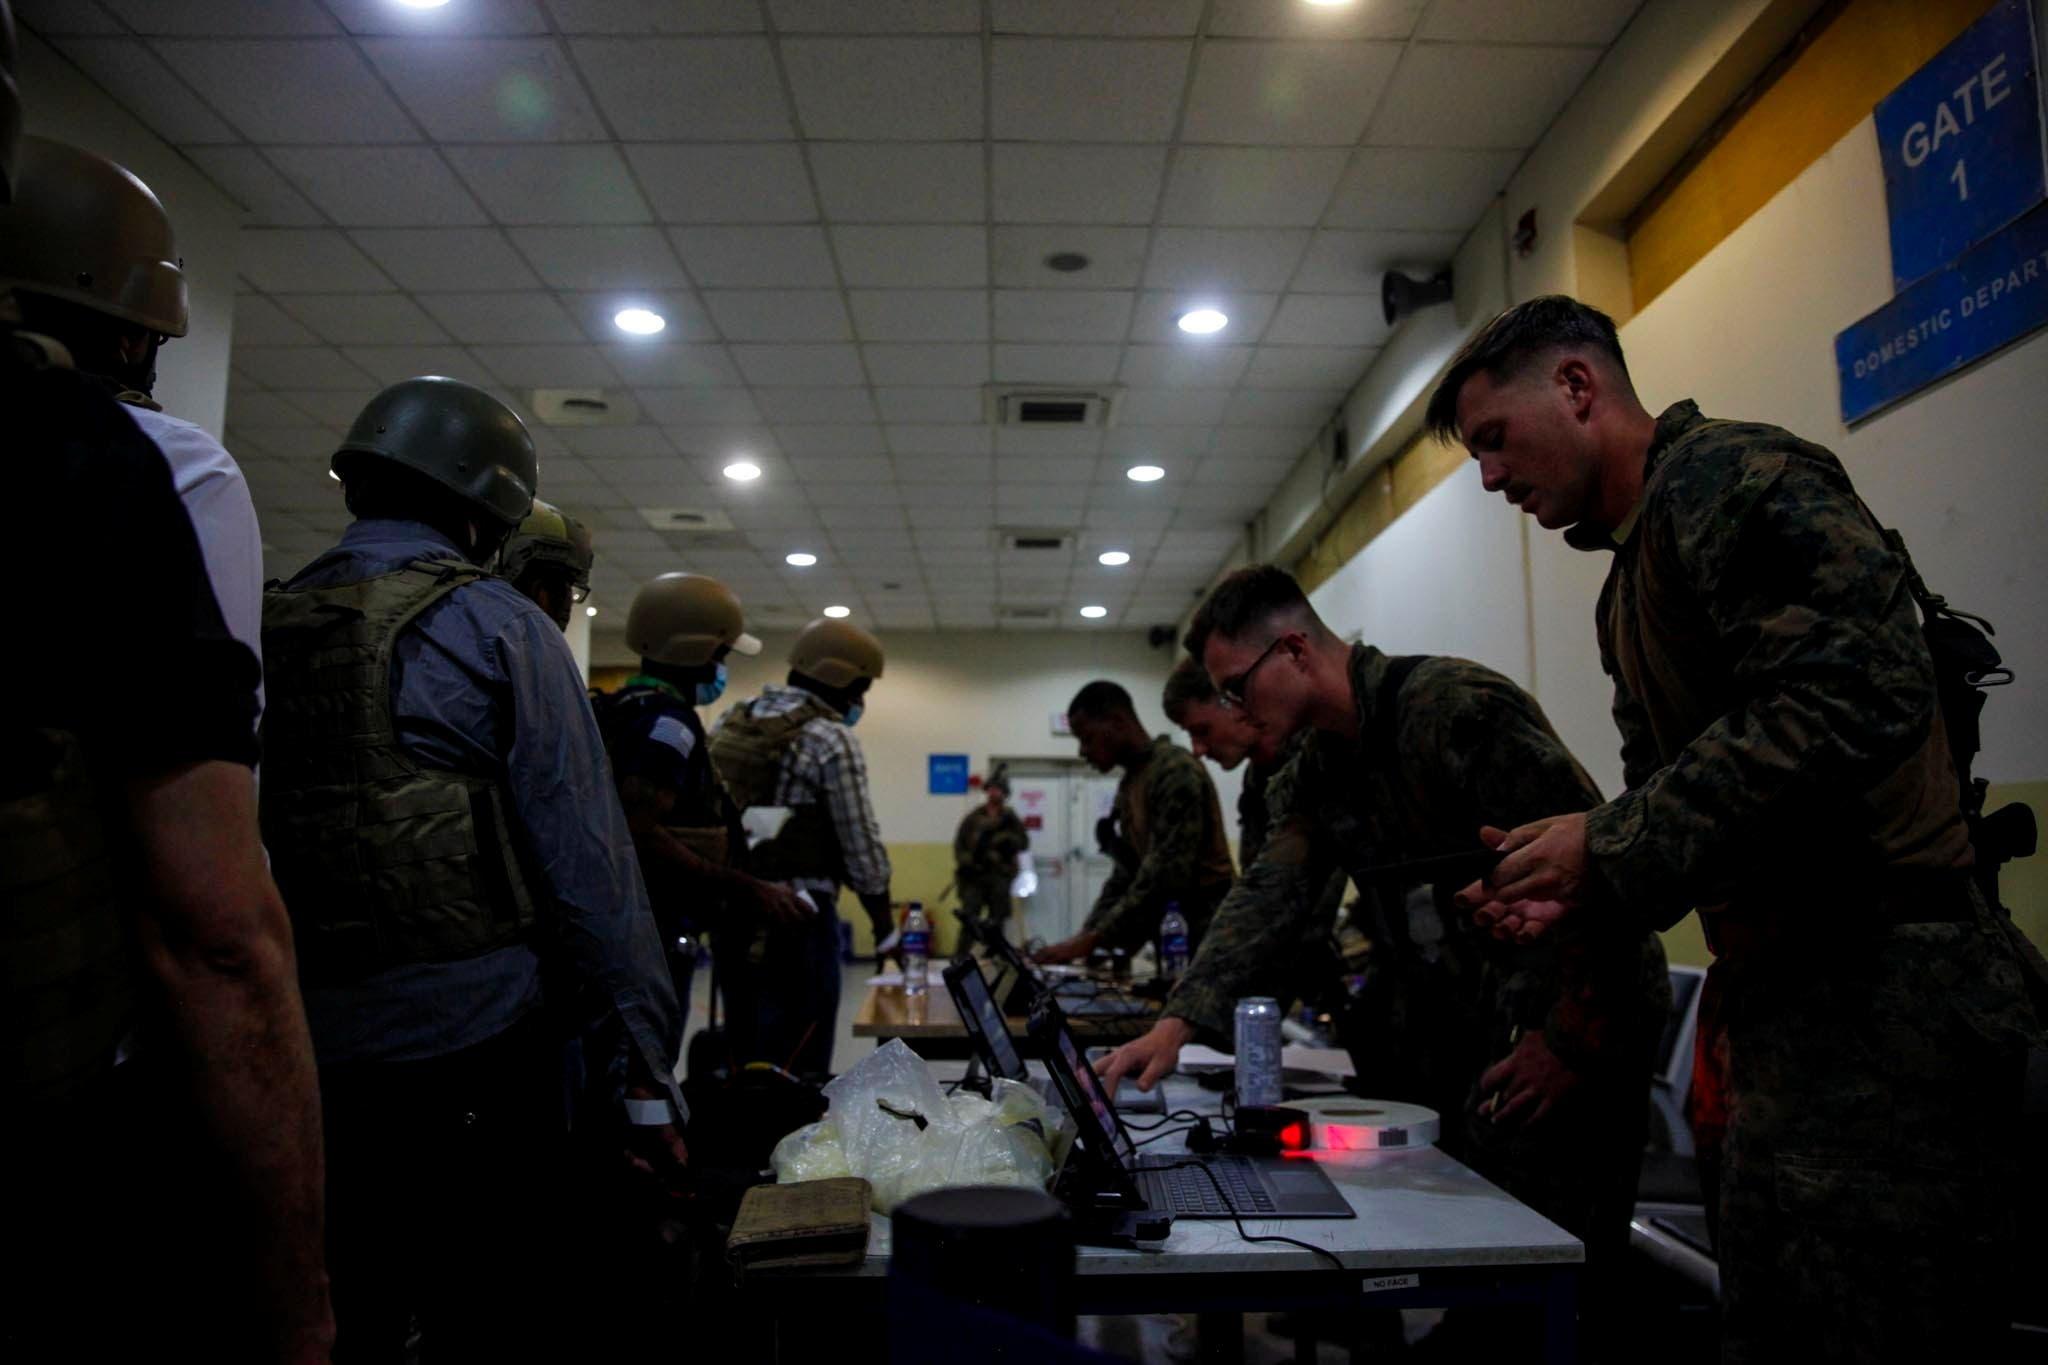 مشاة البحرية الأميركية يعملون لإجلاء أفراد وزارة الخارجية في مطار حامد كرزاي الدولي بكابل (أرشيفية من رويترز)